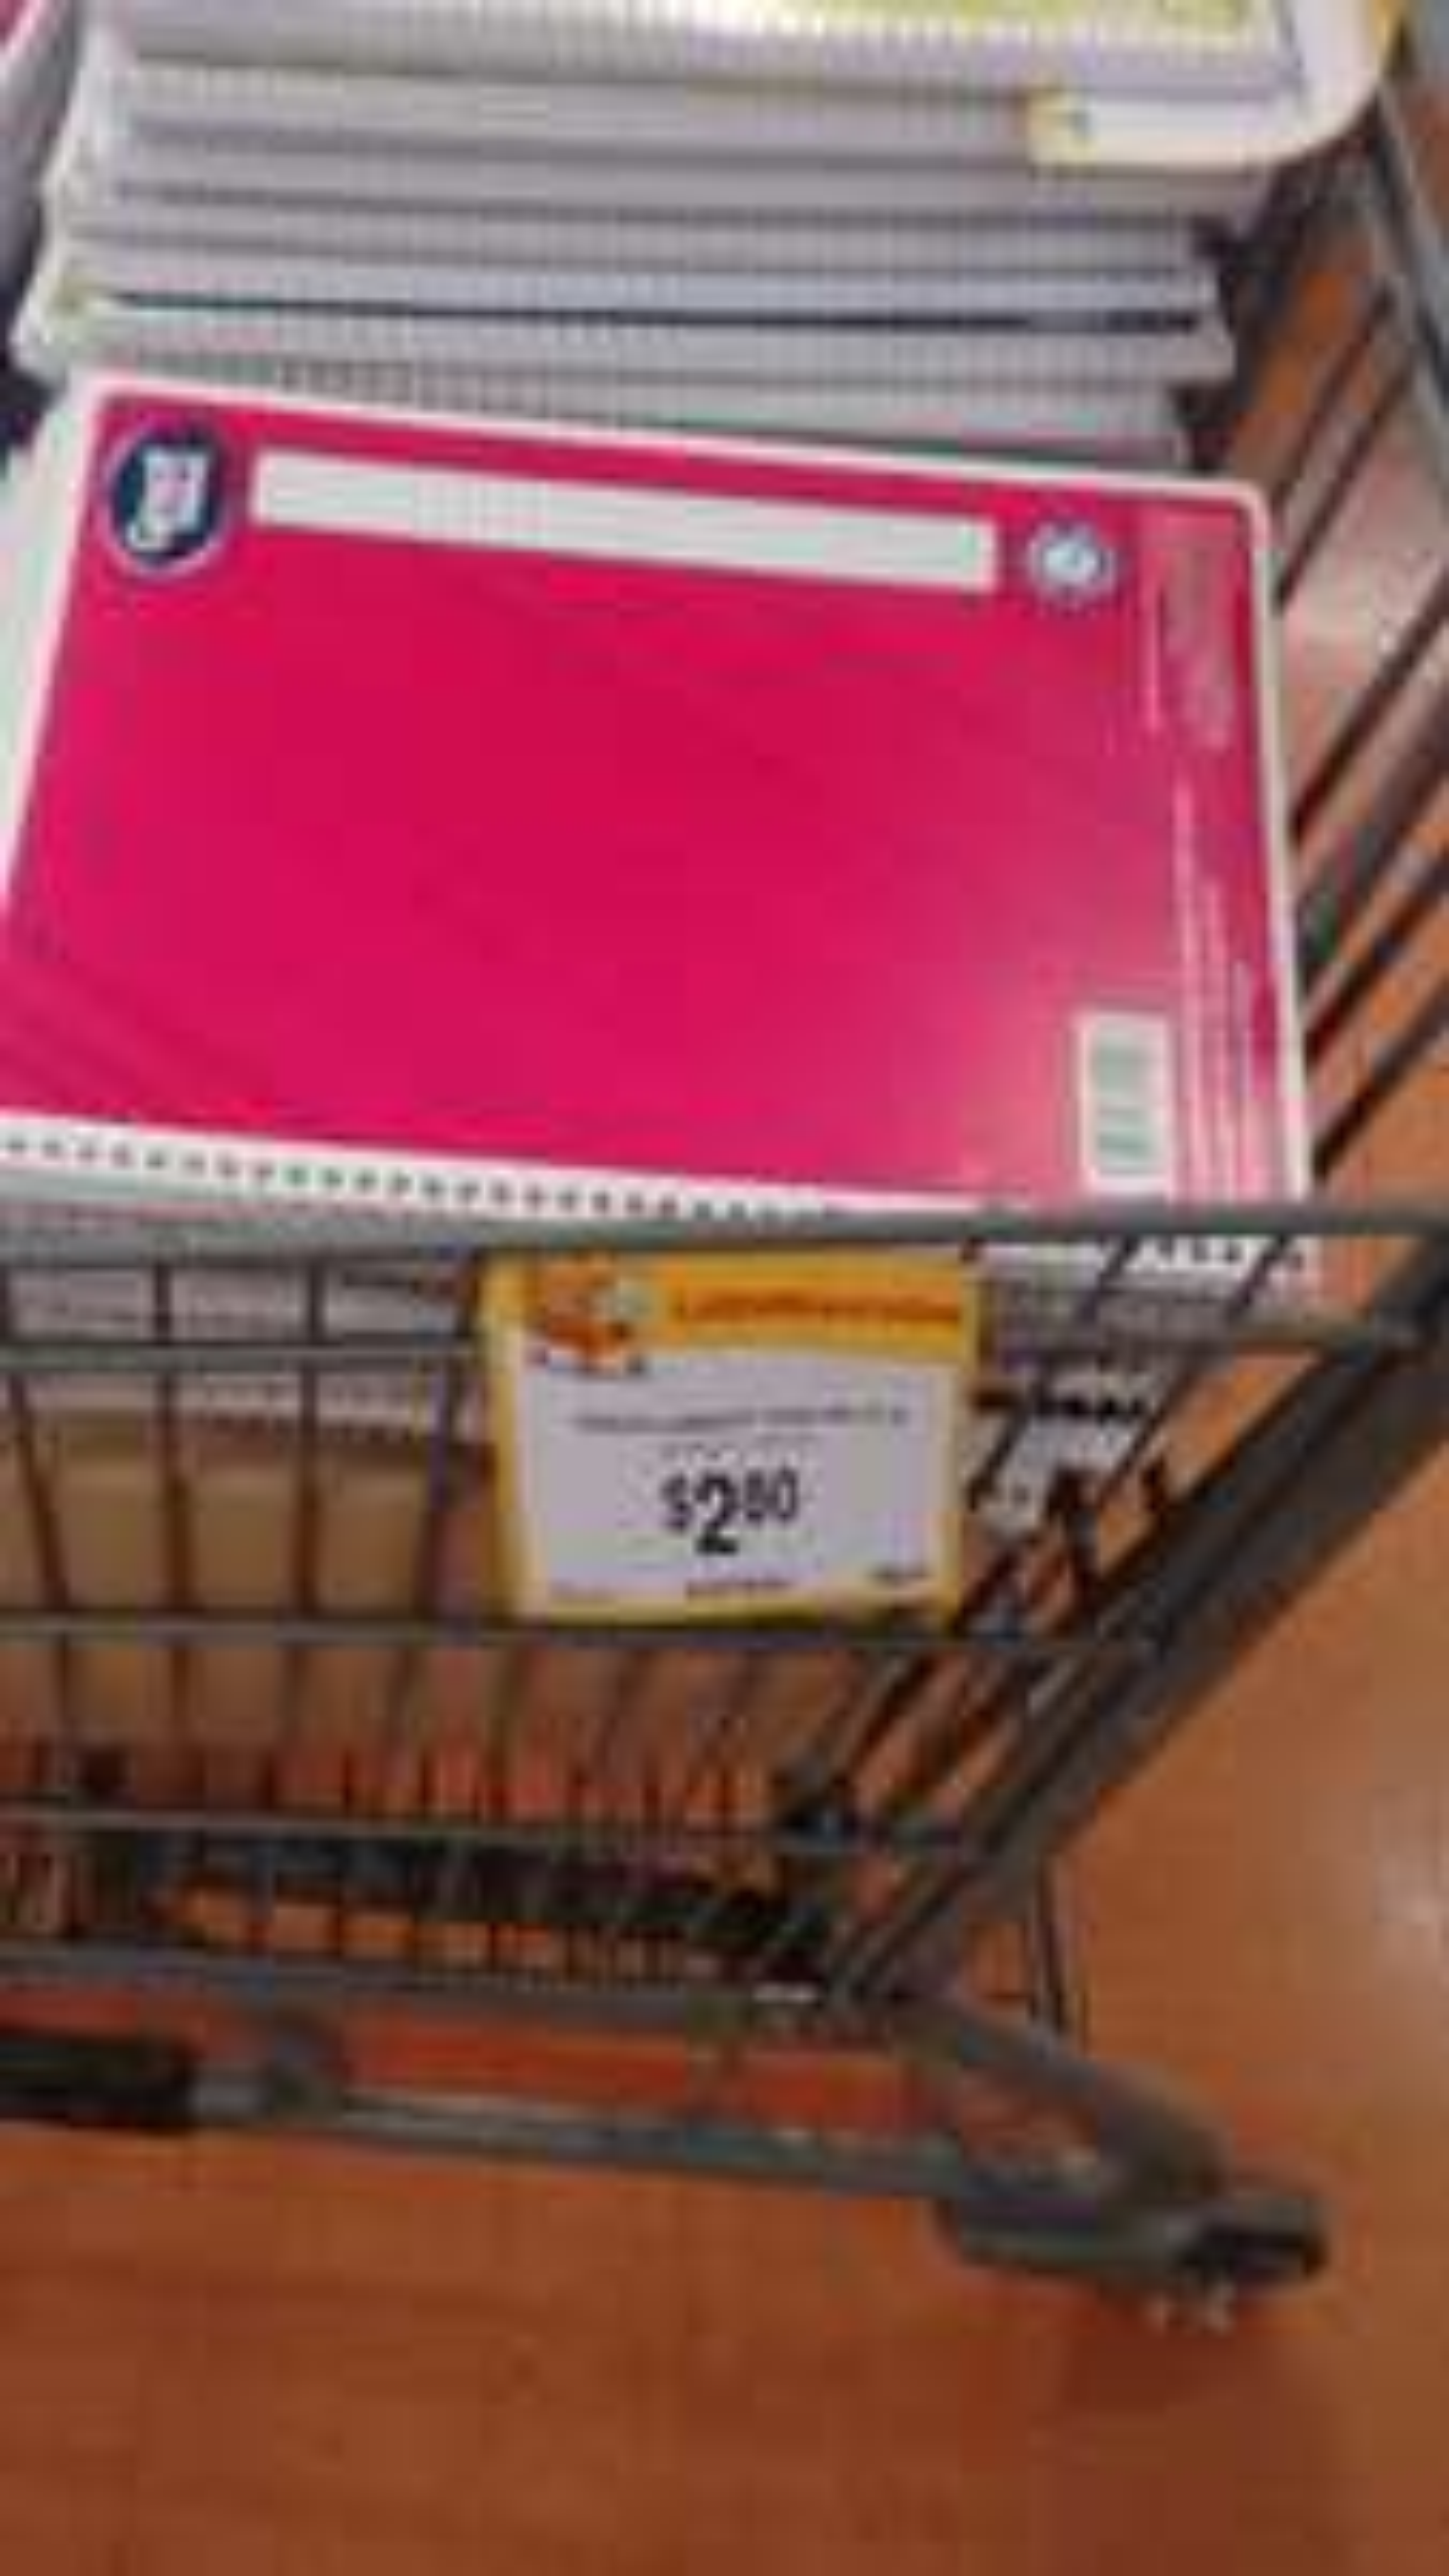 Walmart Puebla: Libretas Great Value de rayas, cuadros chicos y grandes a $2.80